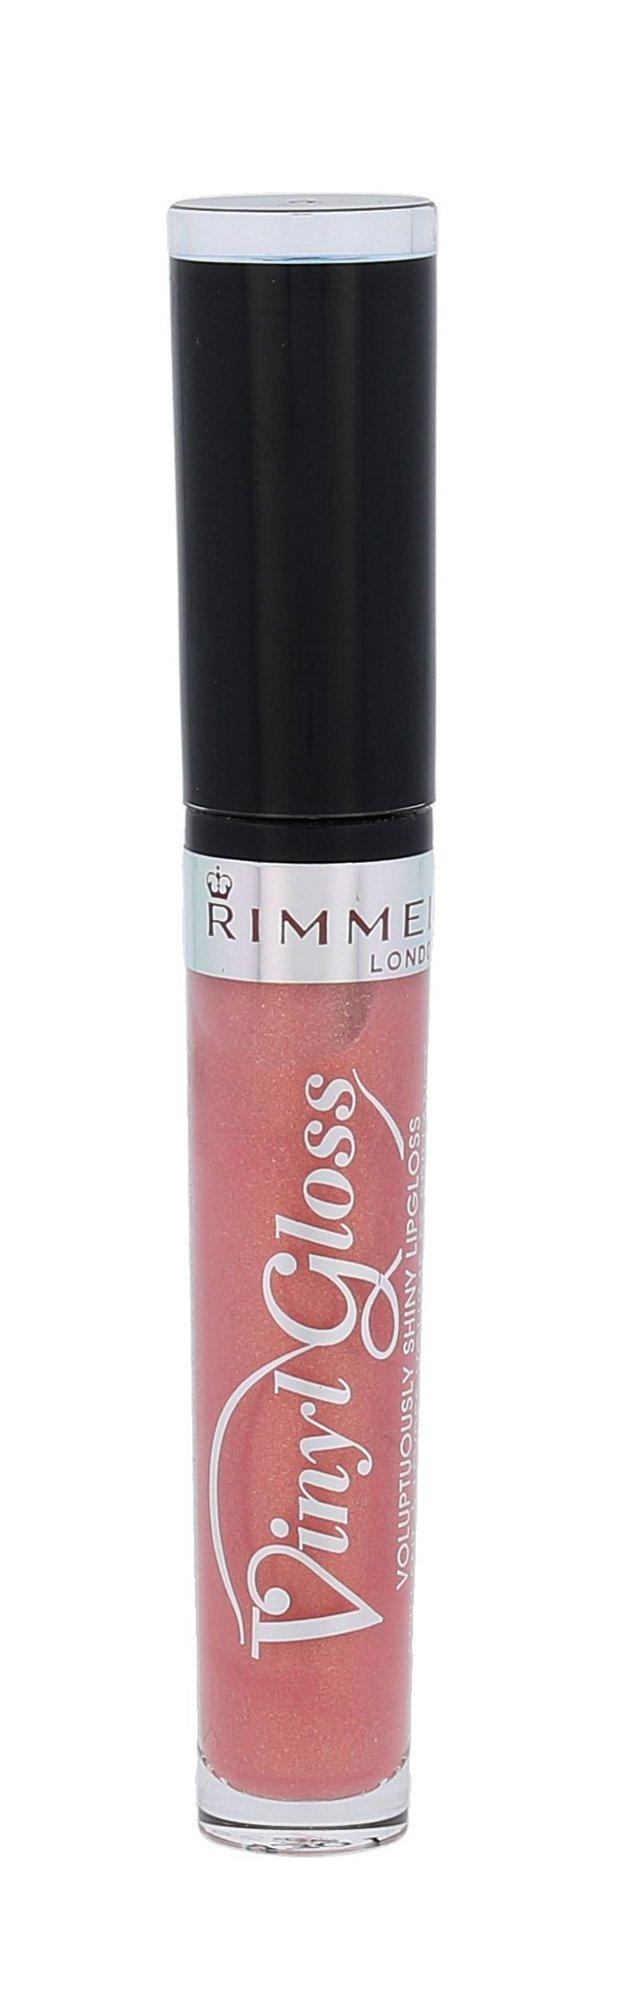 Rimmel London Vinyl Gloss Cosmetic 6ml 130 Take a Chance